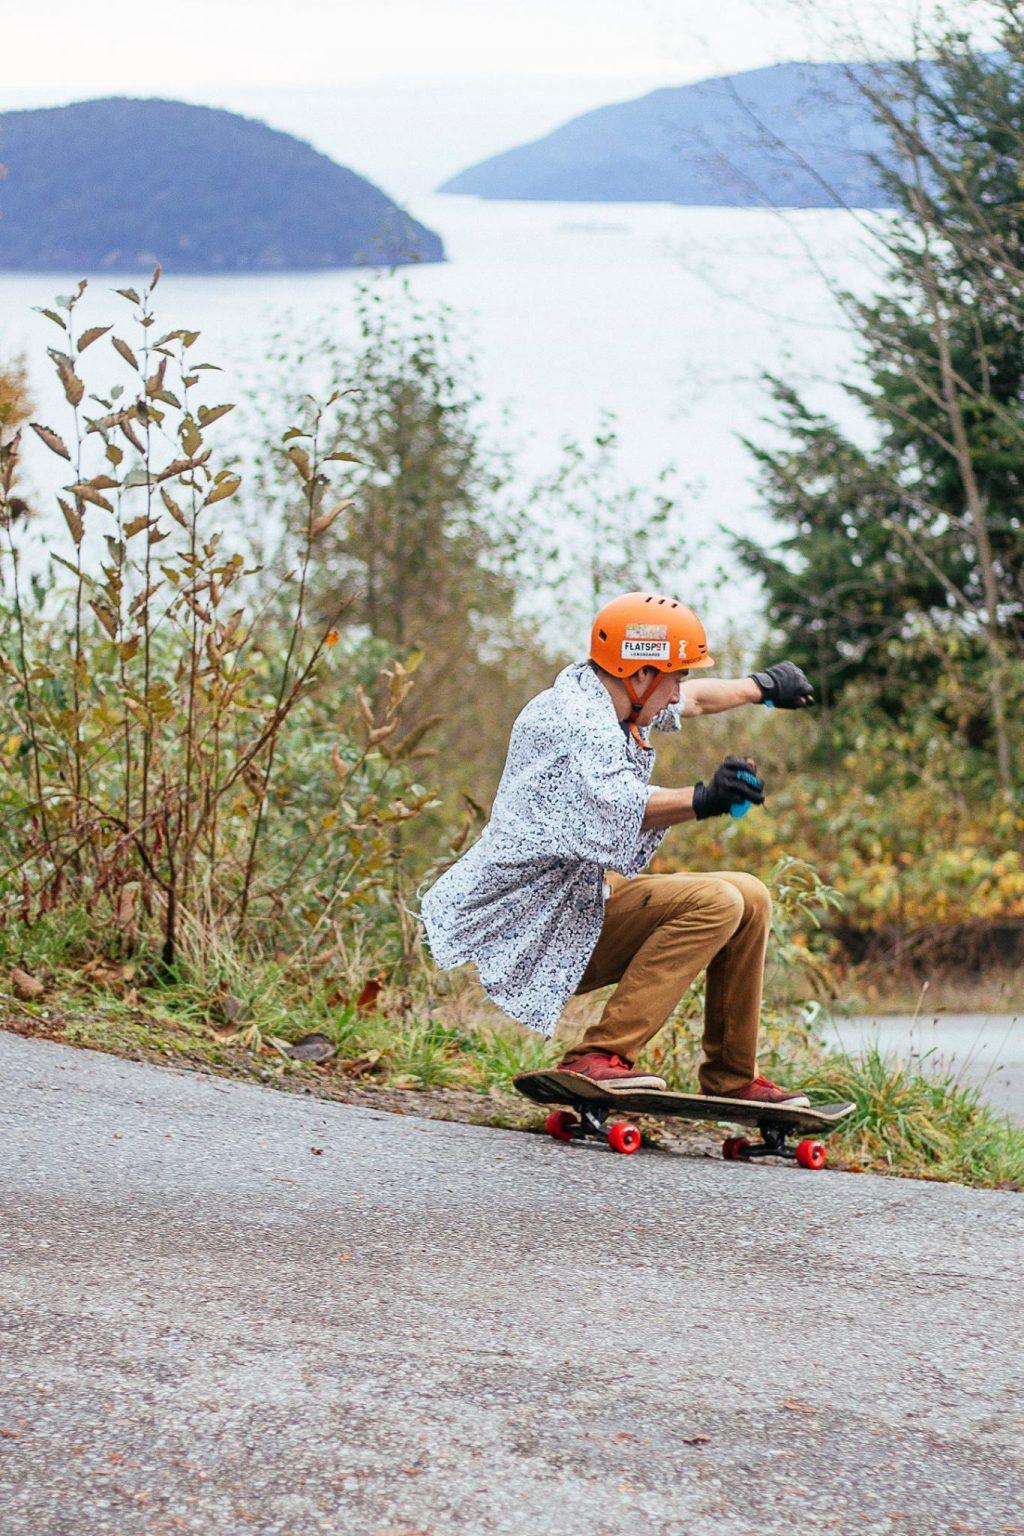 20-sam-galus-flatspot-longboards-valhalla-skateboards-higway-jam-highwayjamx-sho-ouellette-sho-stopper-longboarding